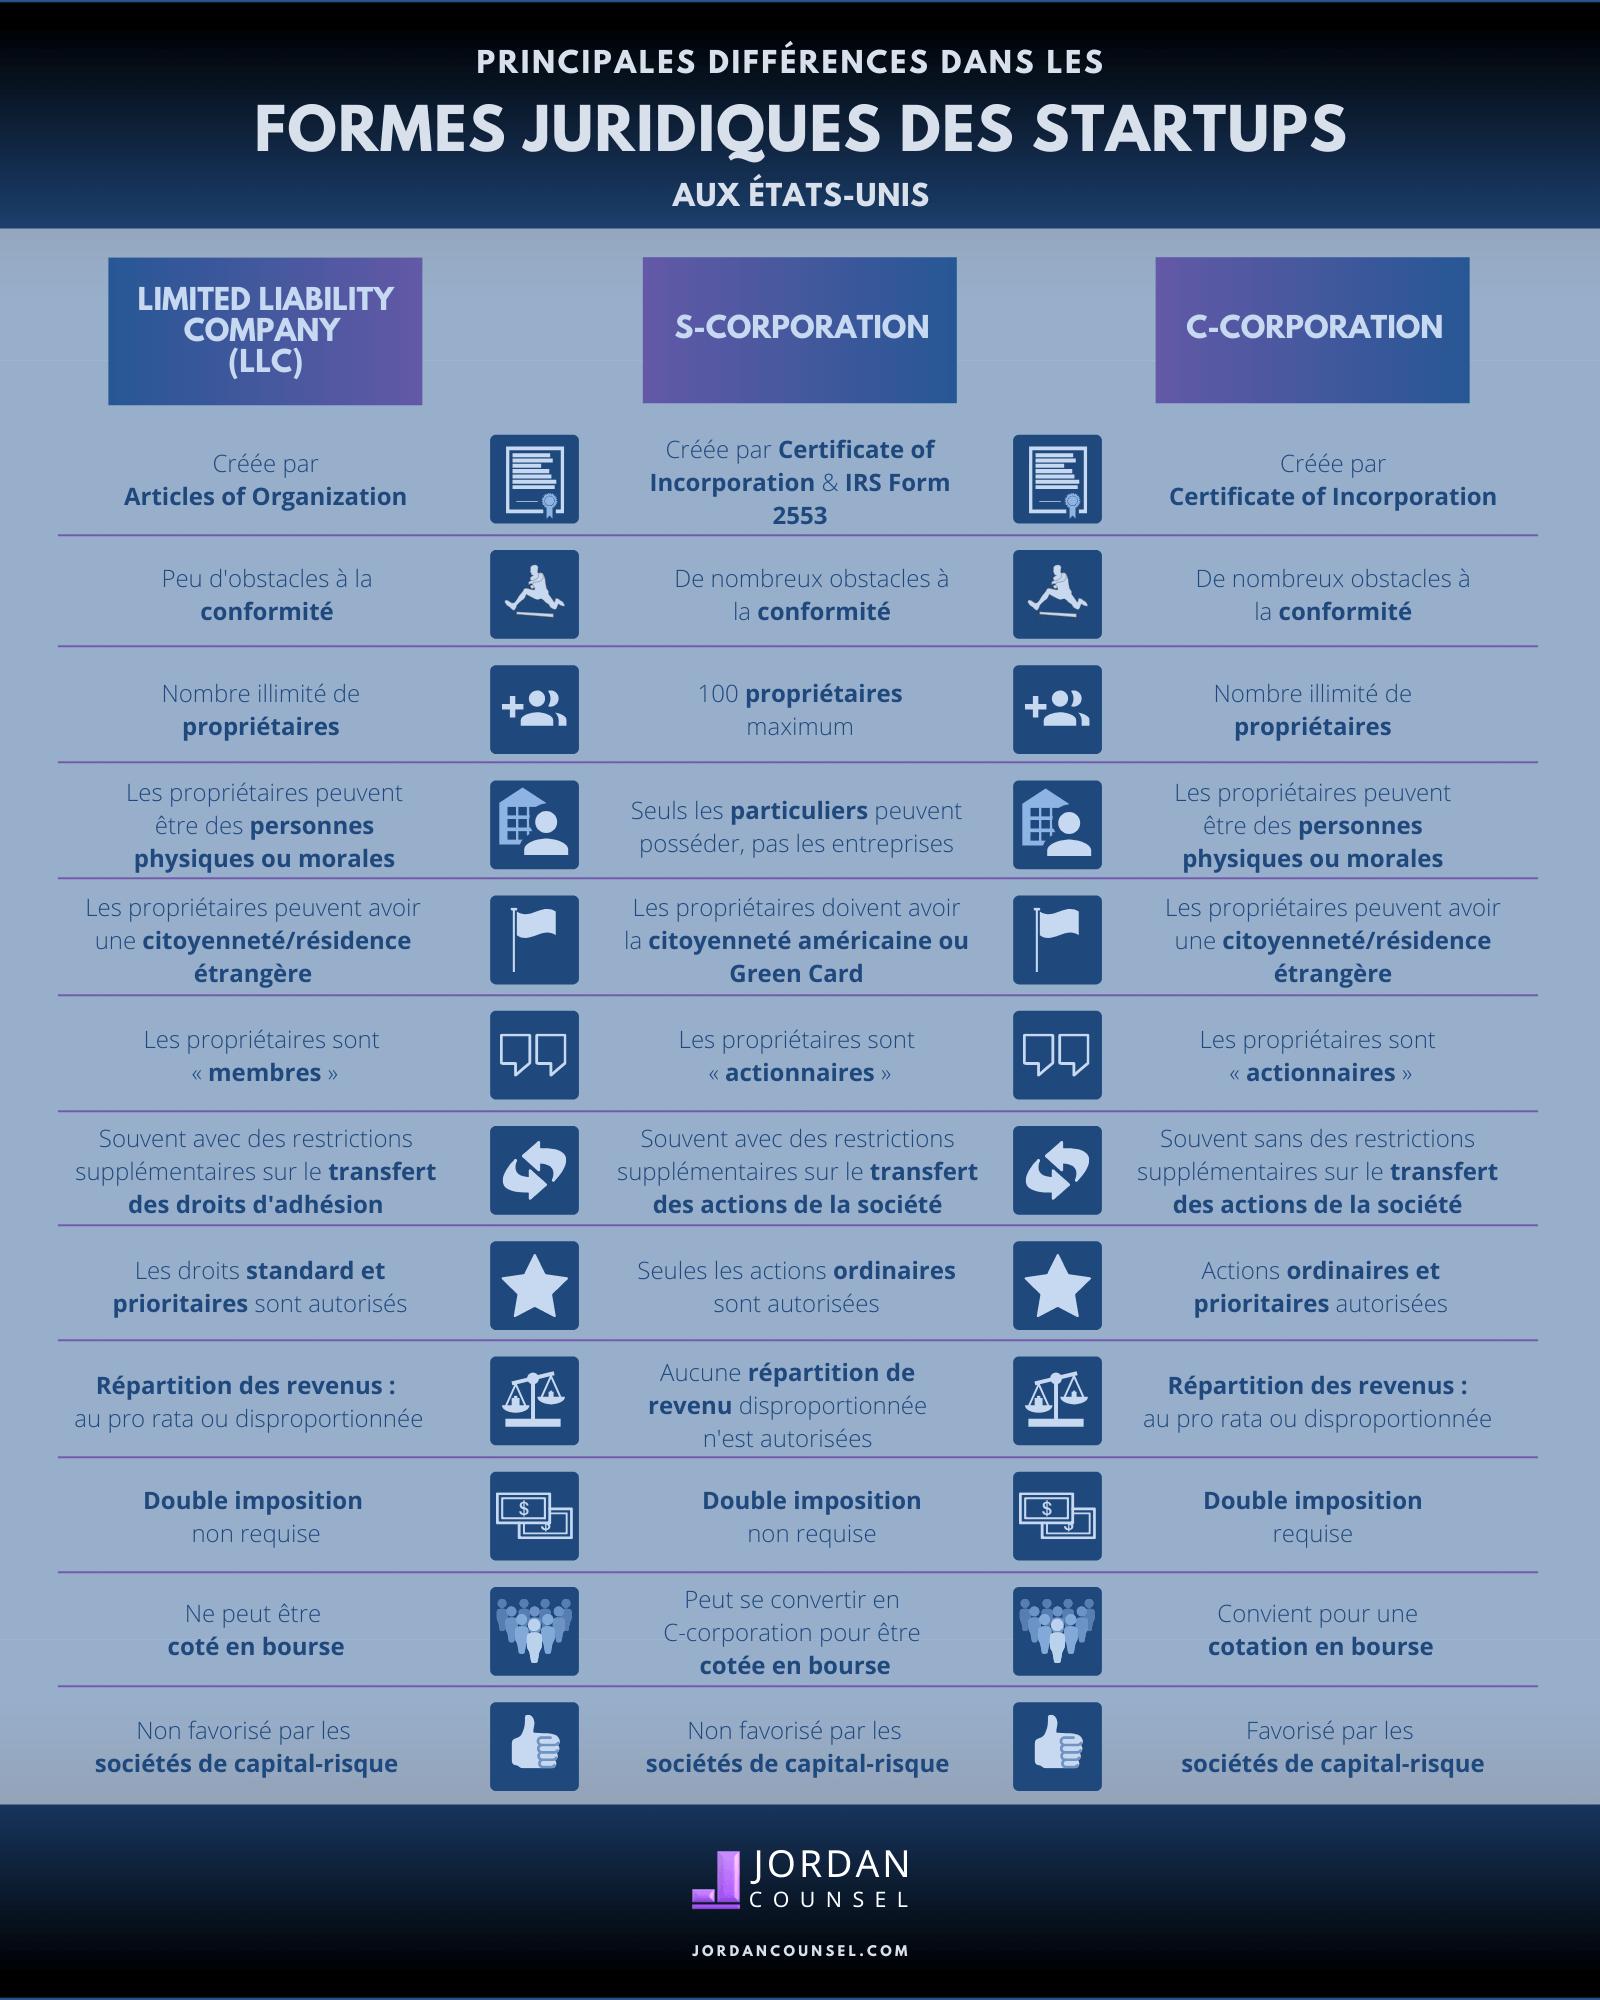 Infographie sur les formes juridique aux USA (LLC, C-corporation, S-corporation)